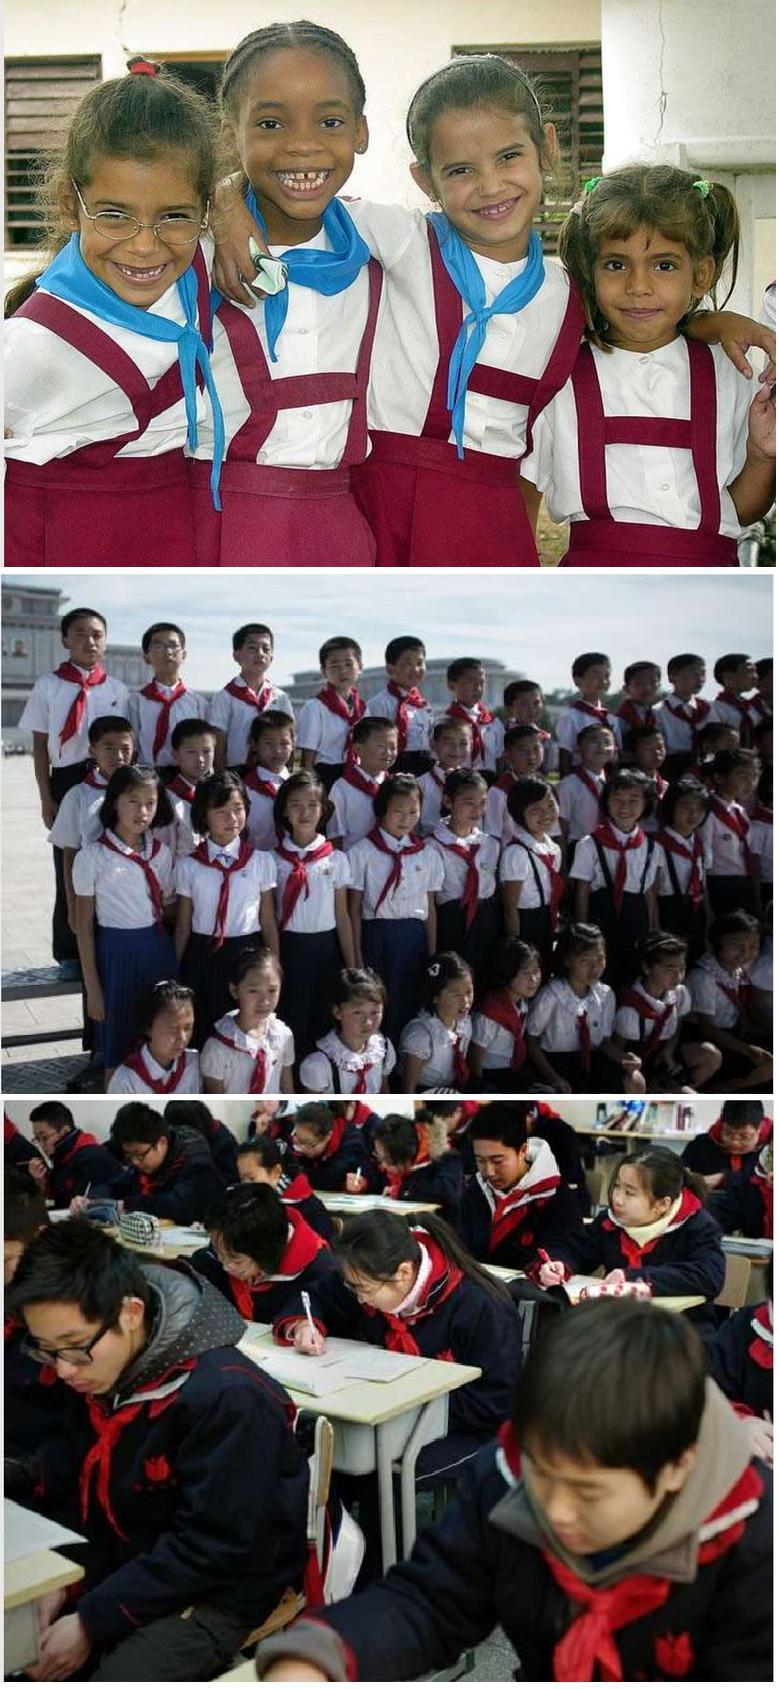 На Кубі, в КНДР та Китаї шкільна форма обов'язкова